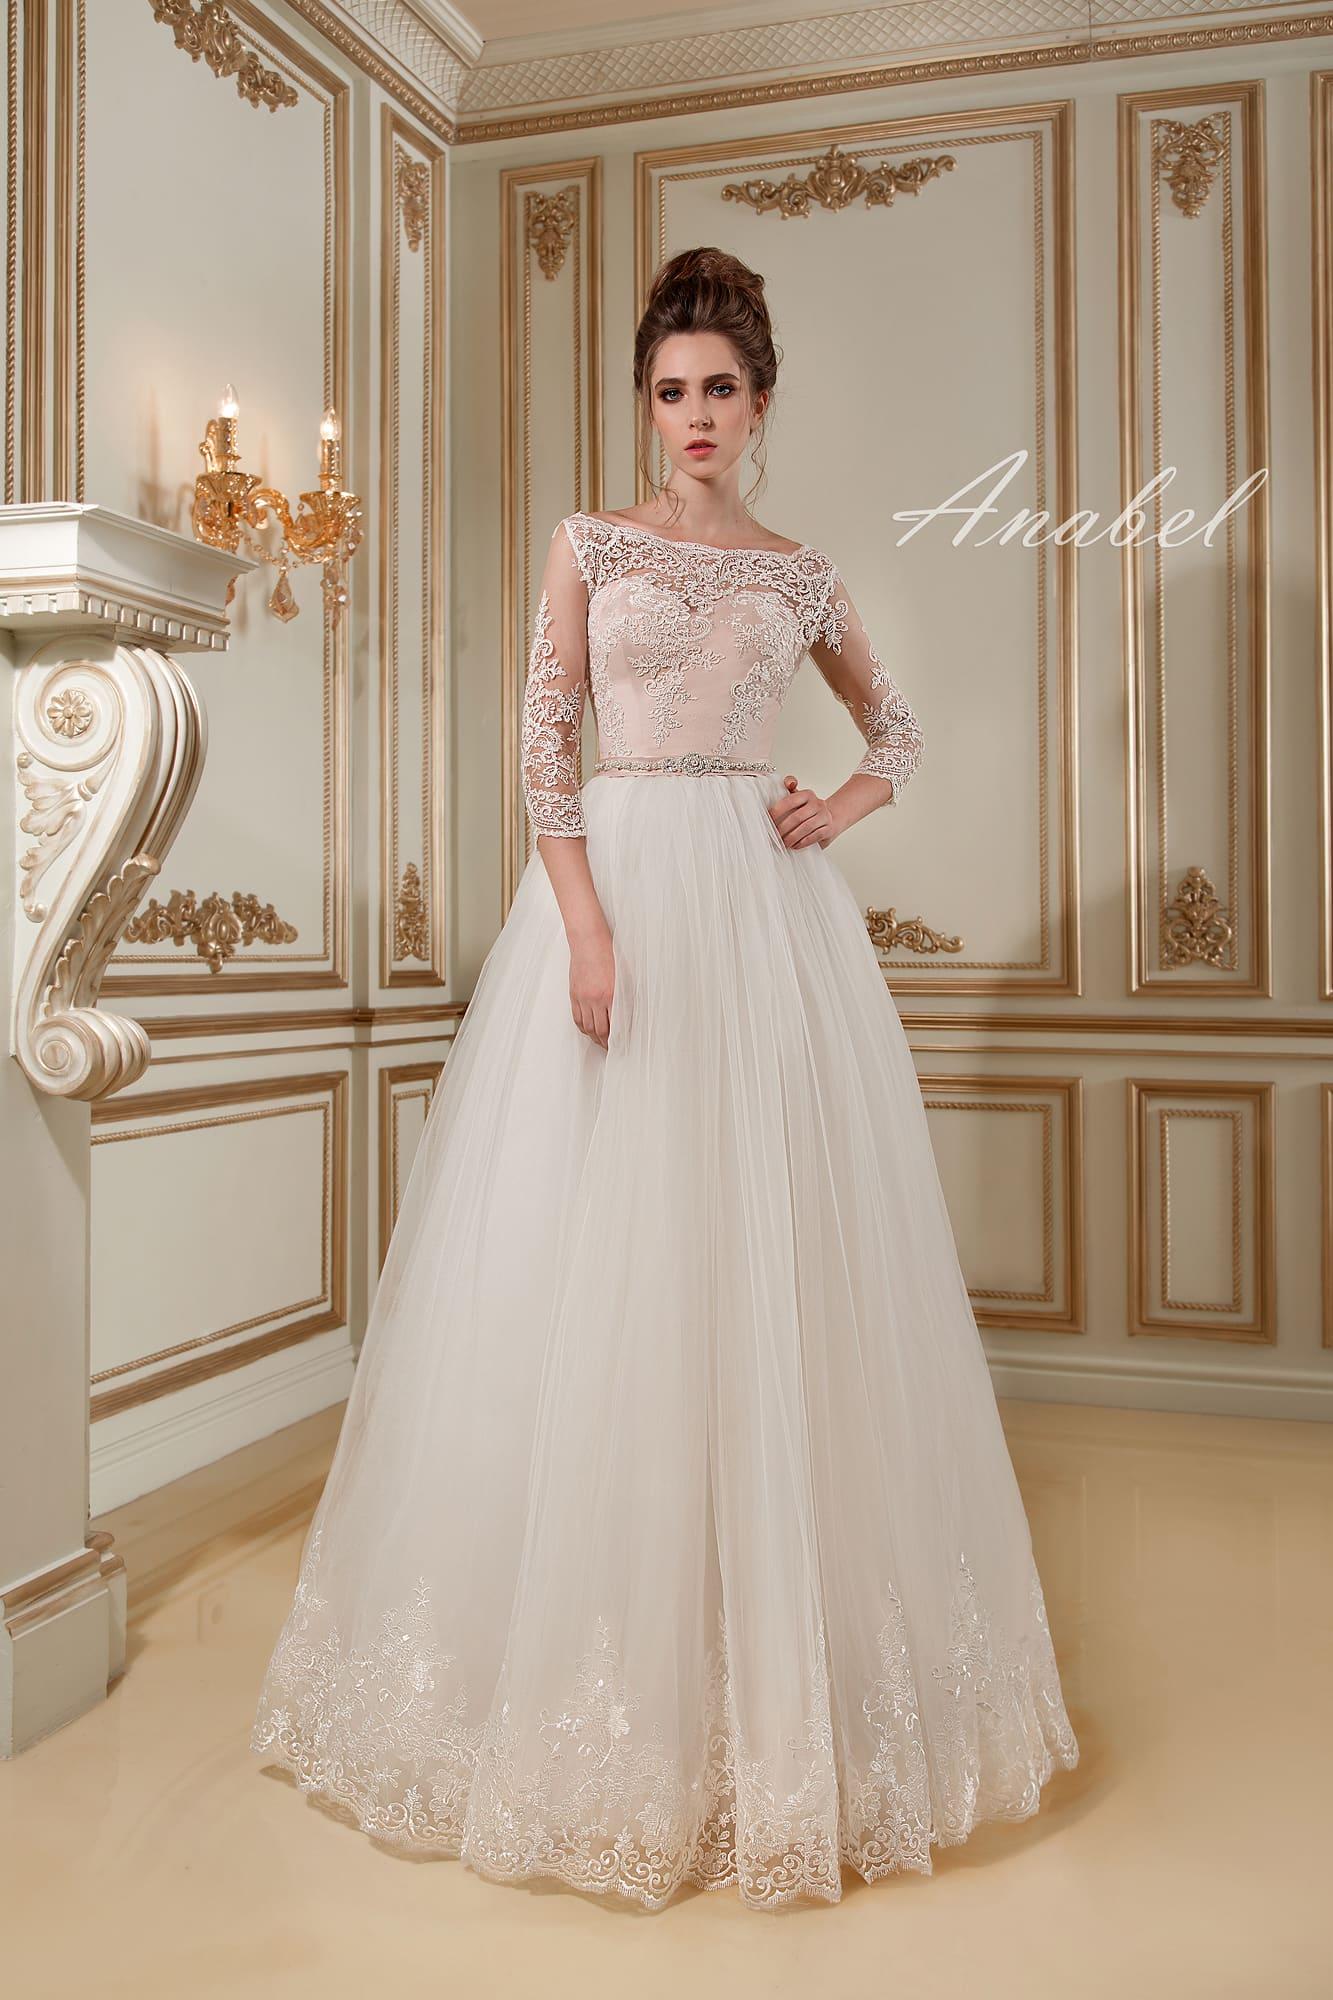 fc42886b0a3 Изысканное свадебное платье с белоснежной пышной юбкой и кремовым корсетом  с кружевом.